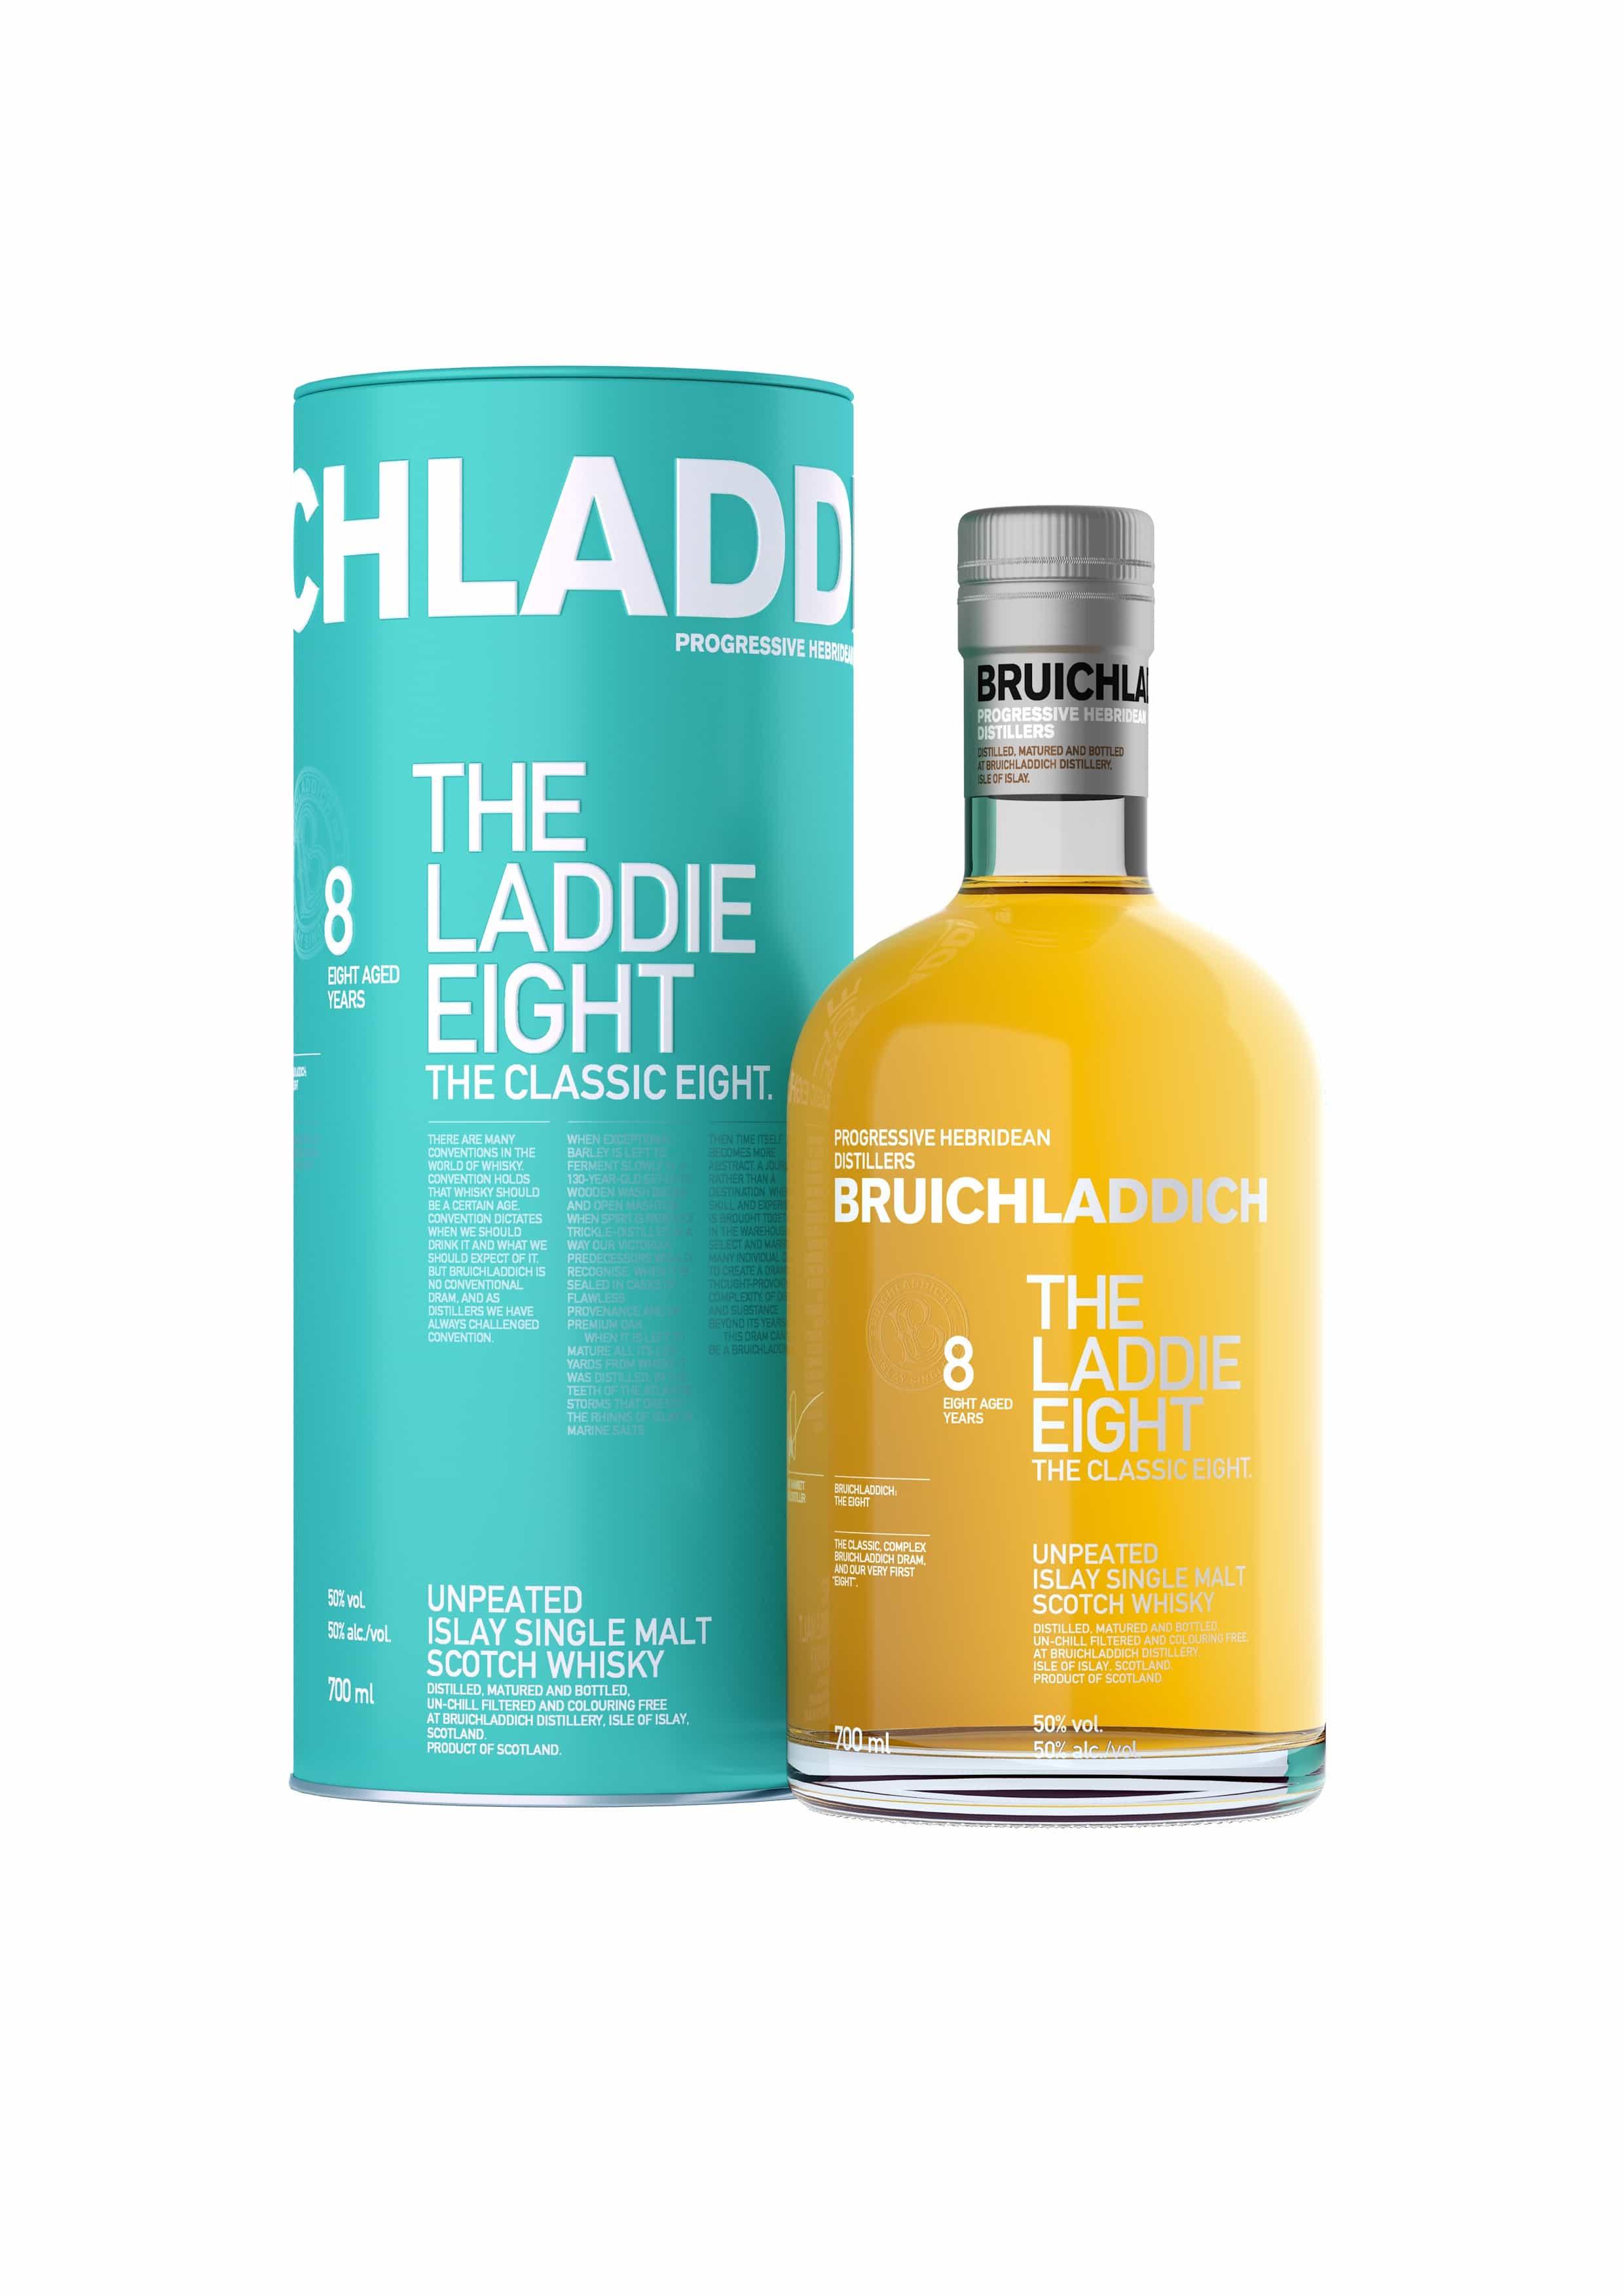 Black Laddie First